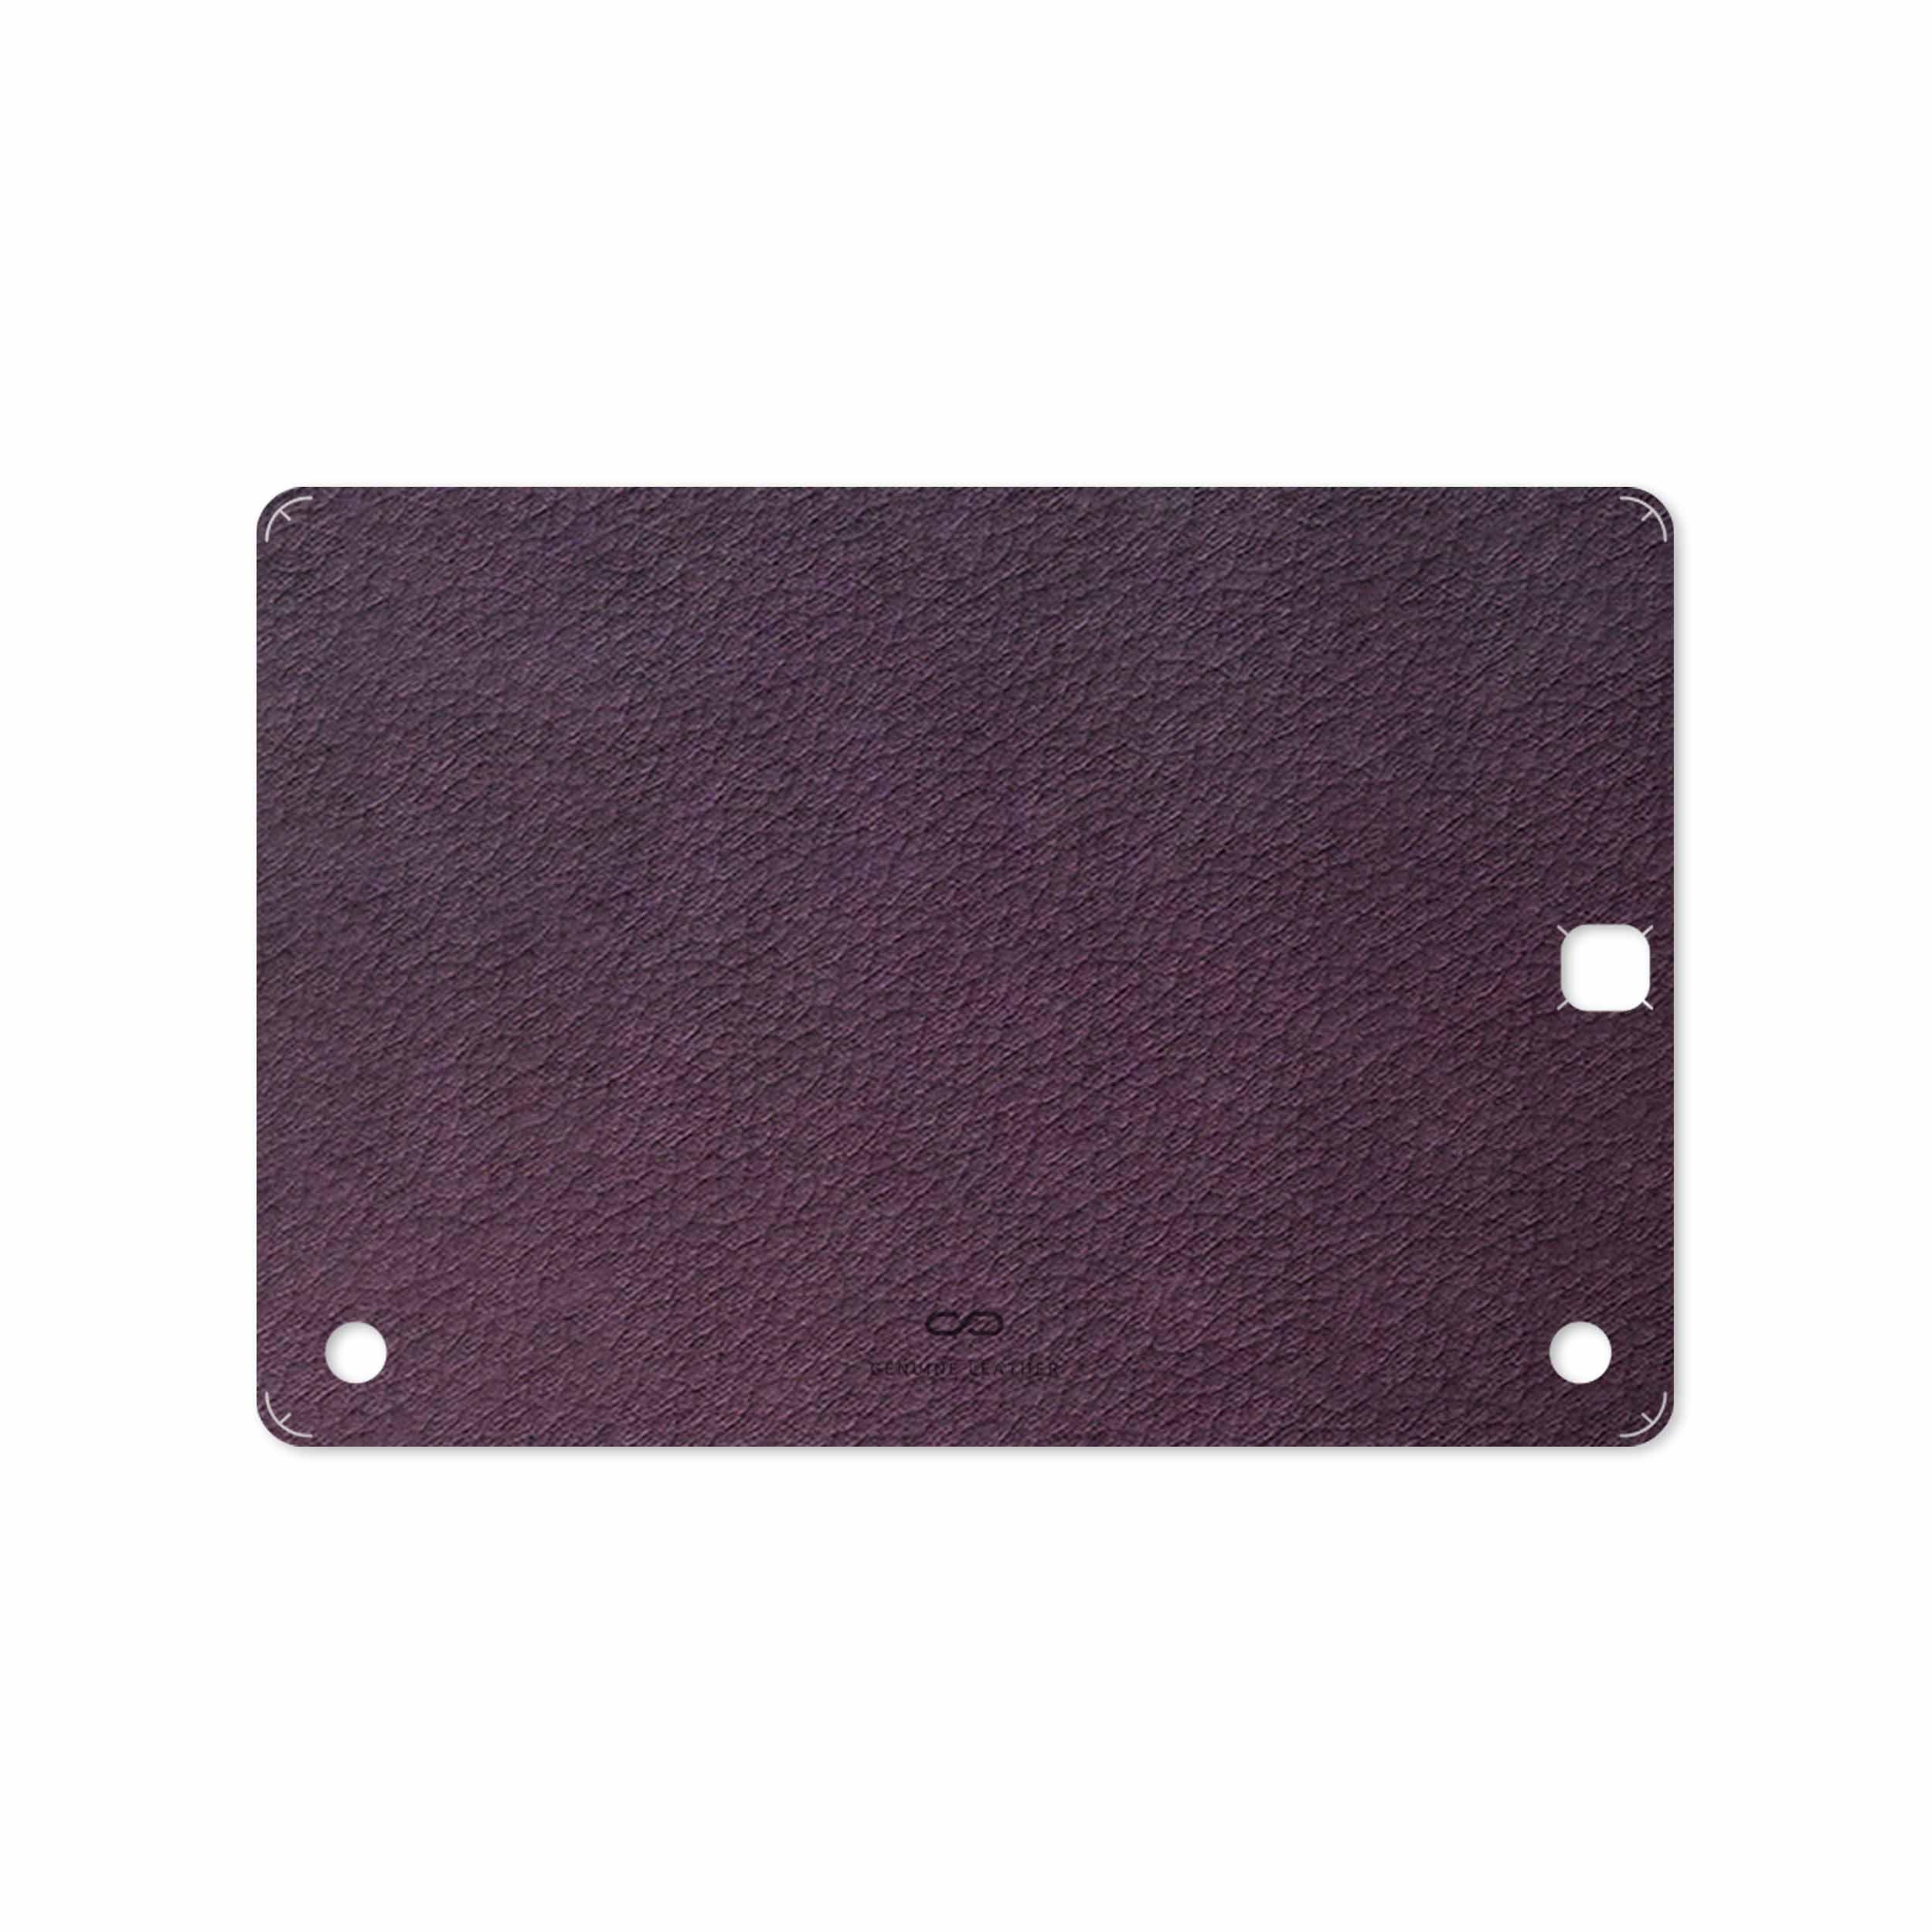 بررسی و خرید [با تخفیف]                                     برچسب پوششی ماهوت مدل Purple-Leather مناسب برای تبلت سامسونگ Galaxy Tab A 9.7 2015 T555                             اورجینال